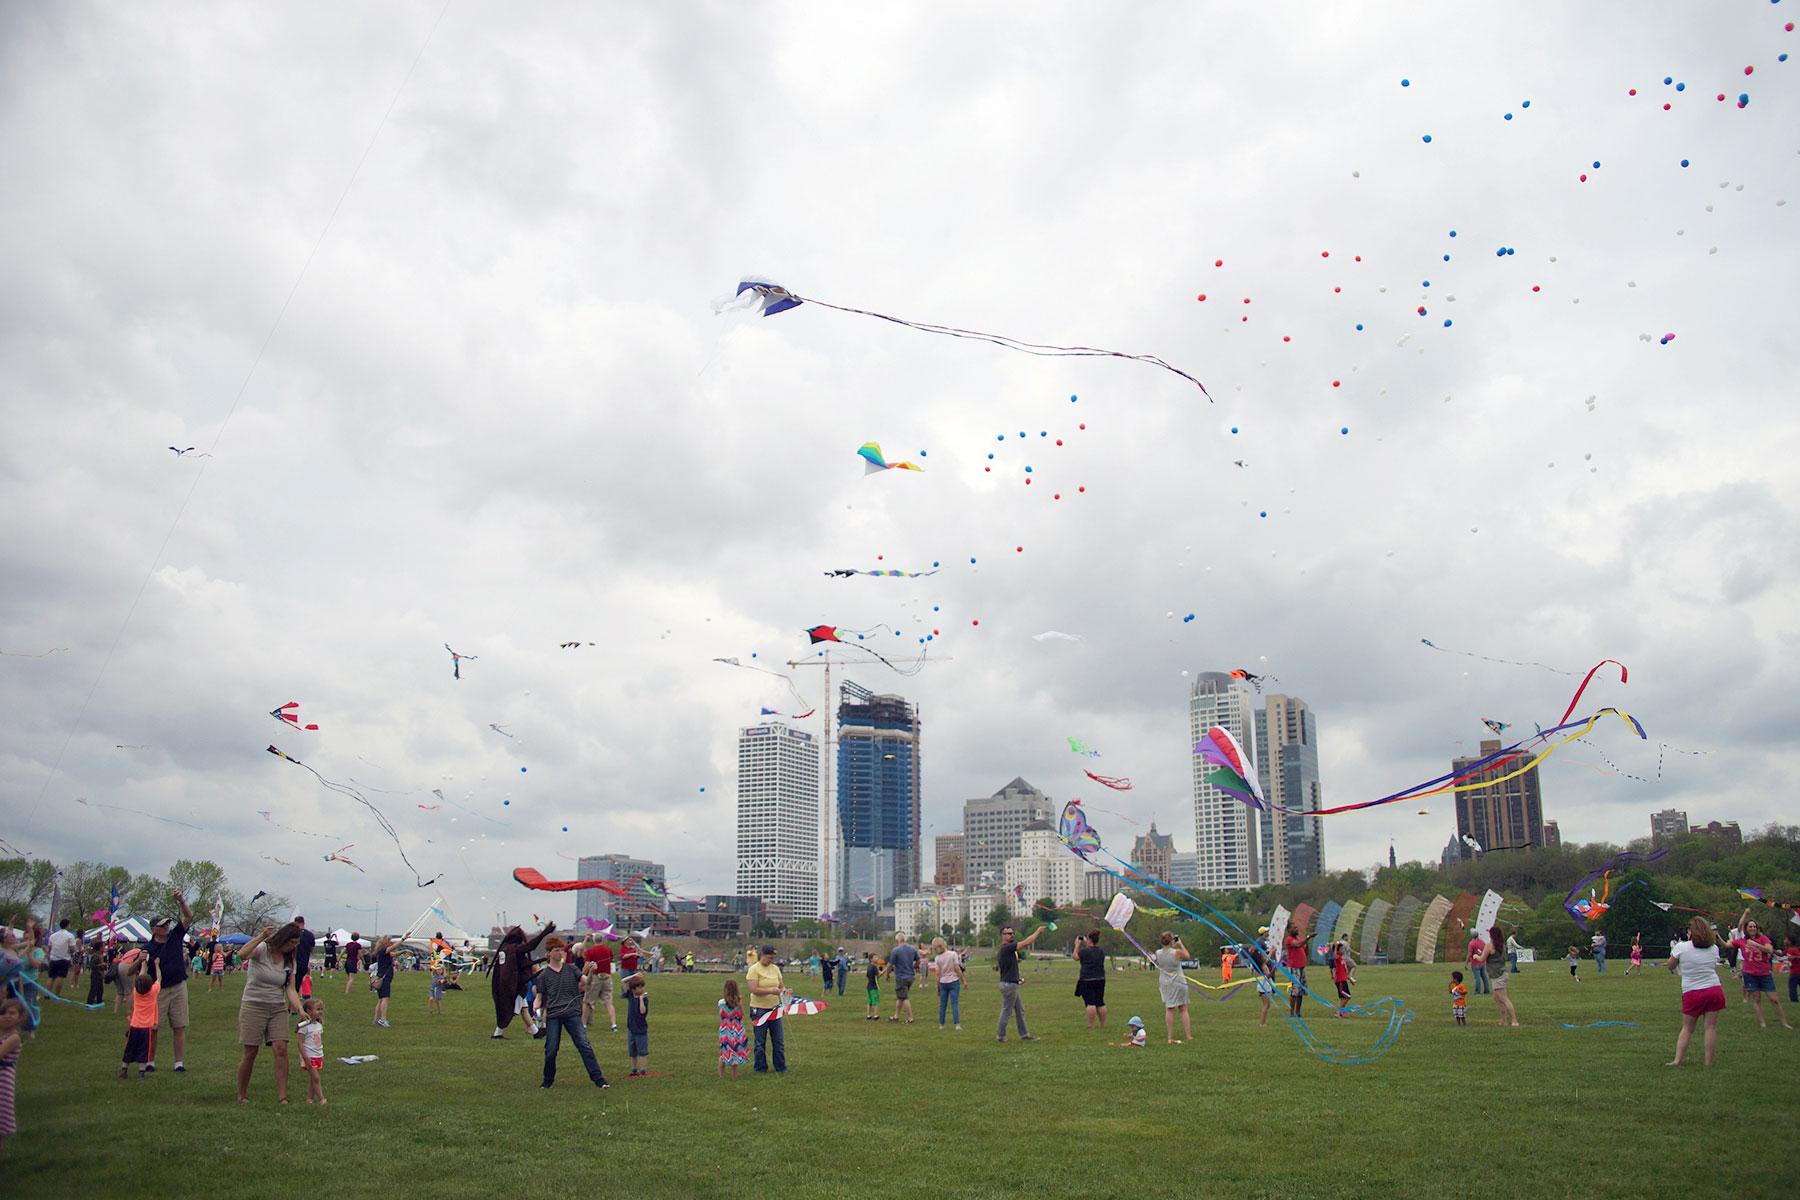 052816_KiteFest_1025